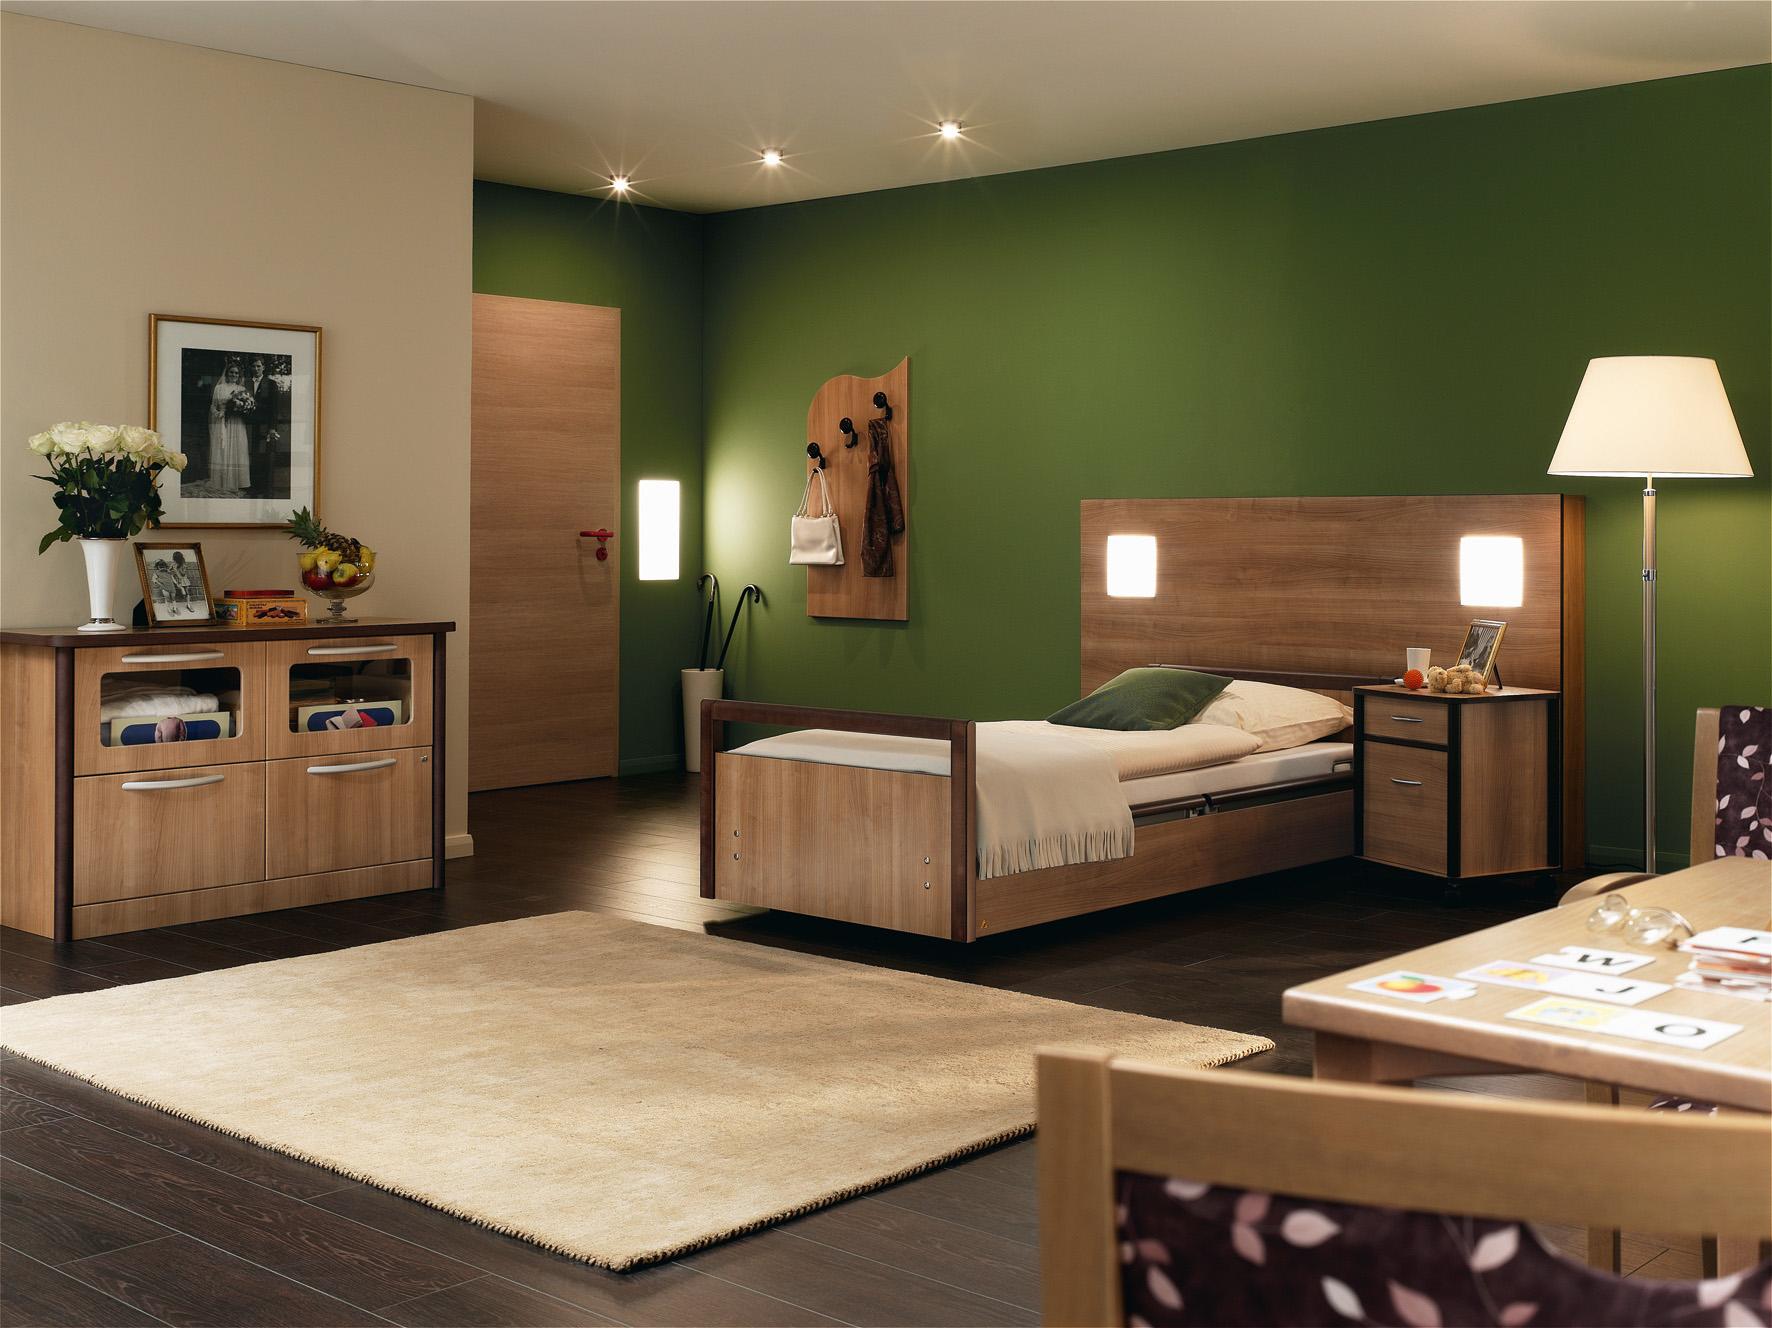 Neuer online katalog von wissner bosserhoff pcon blog for Design living room online